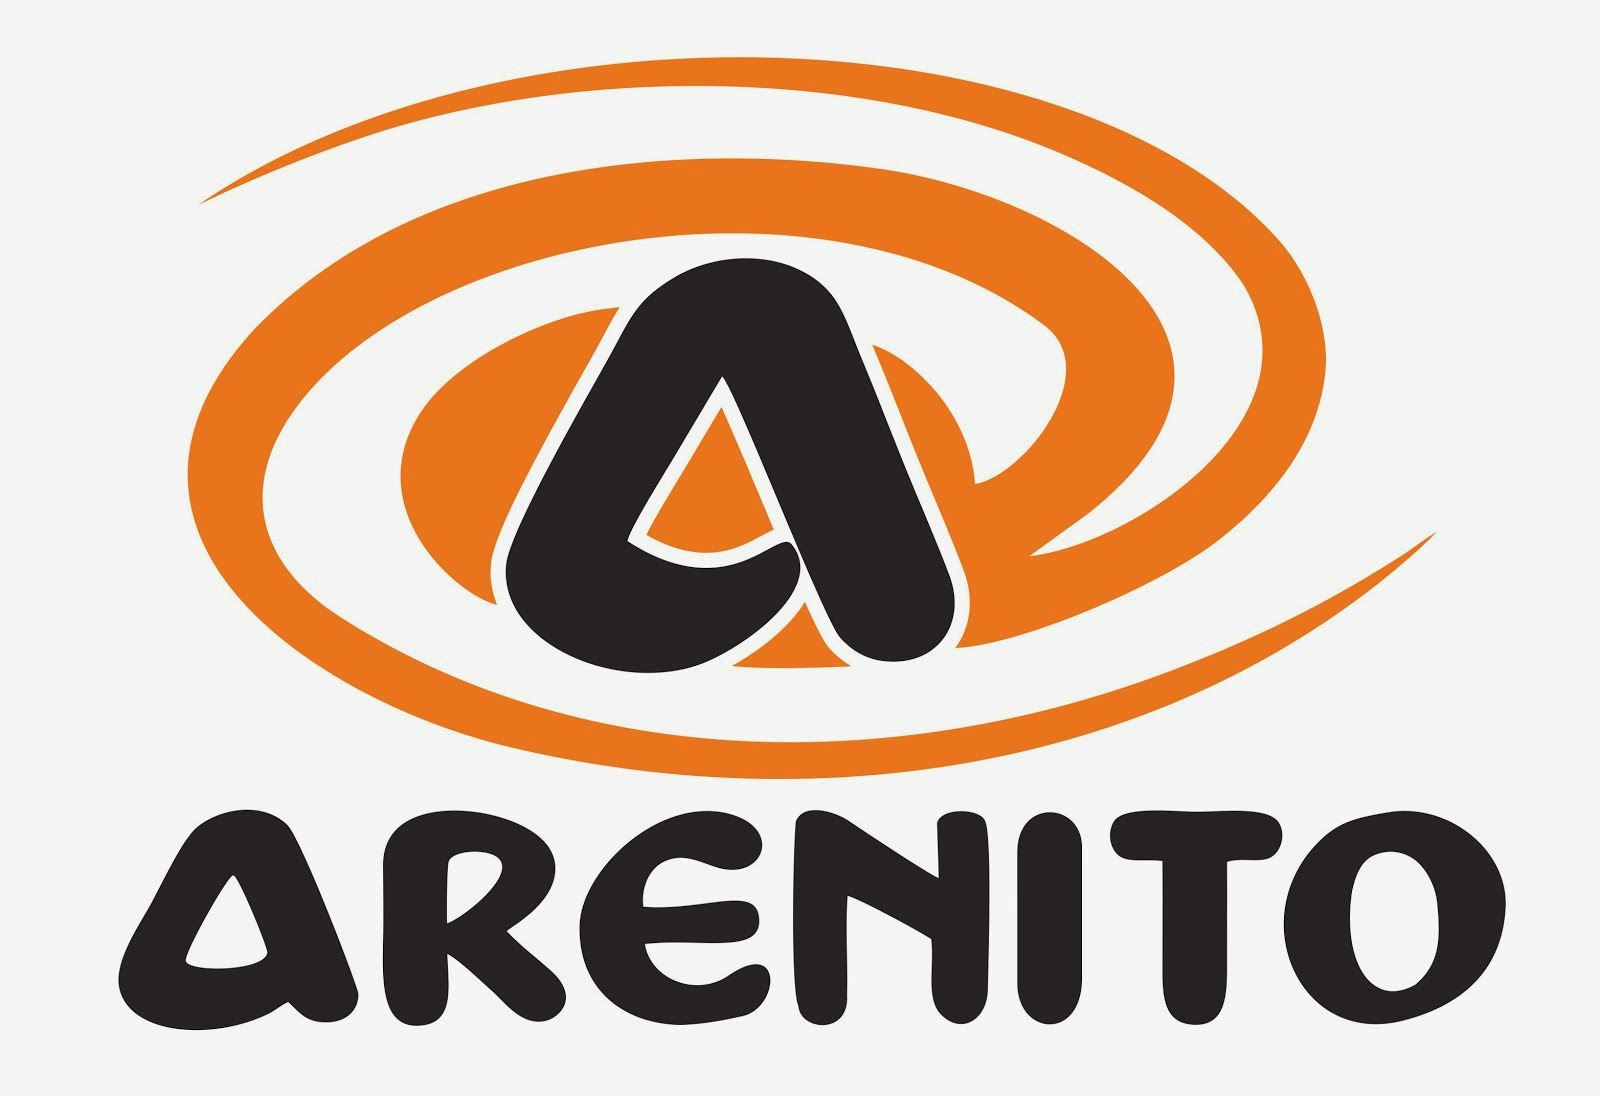 ARENITO